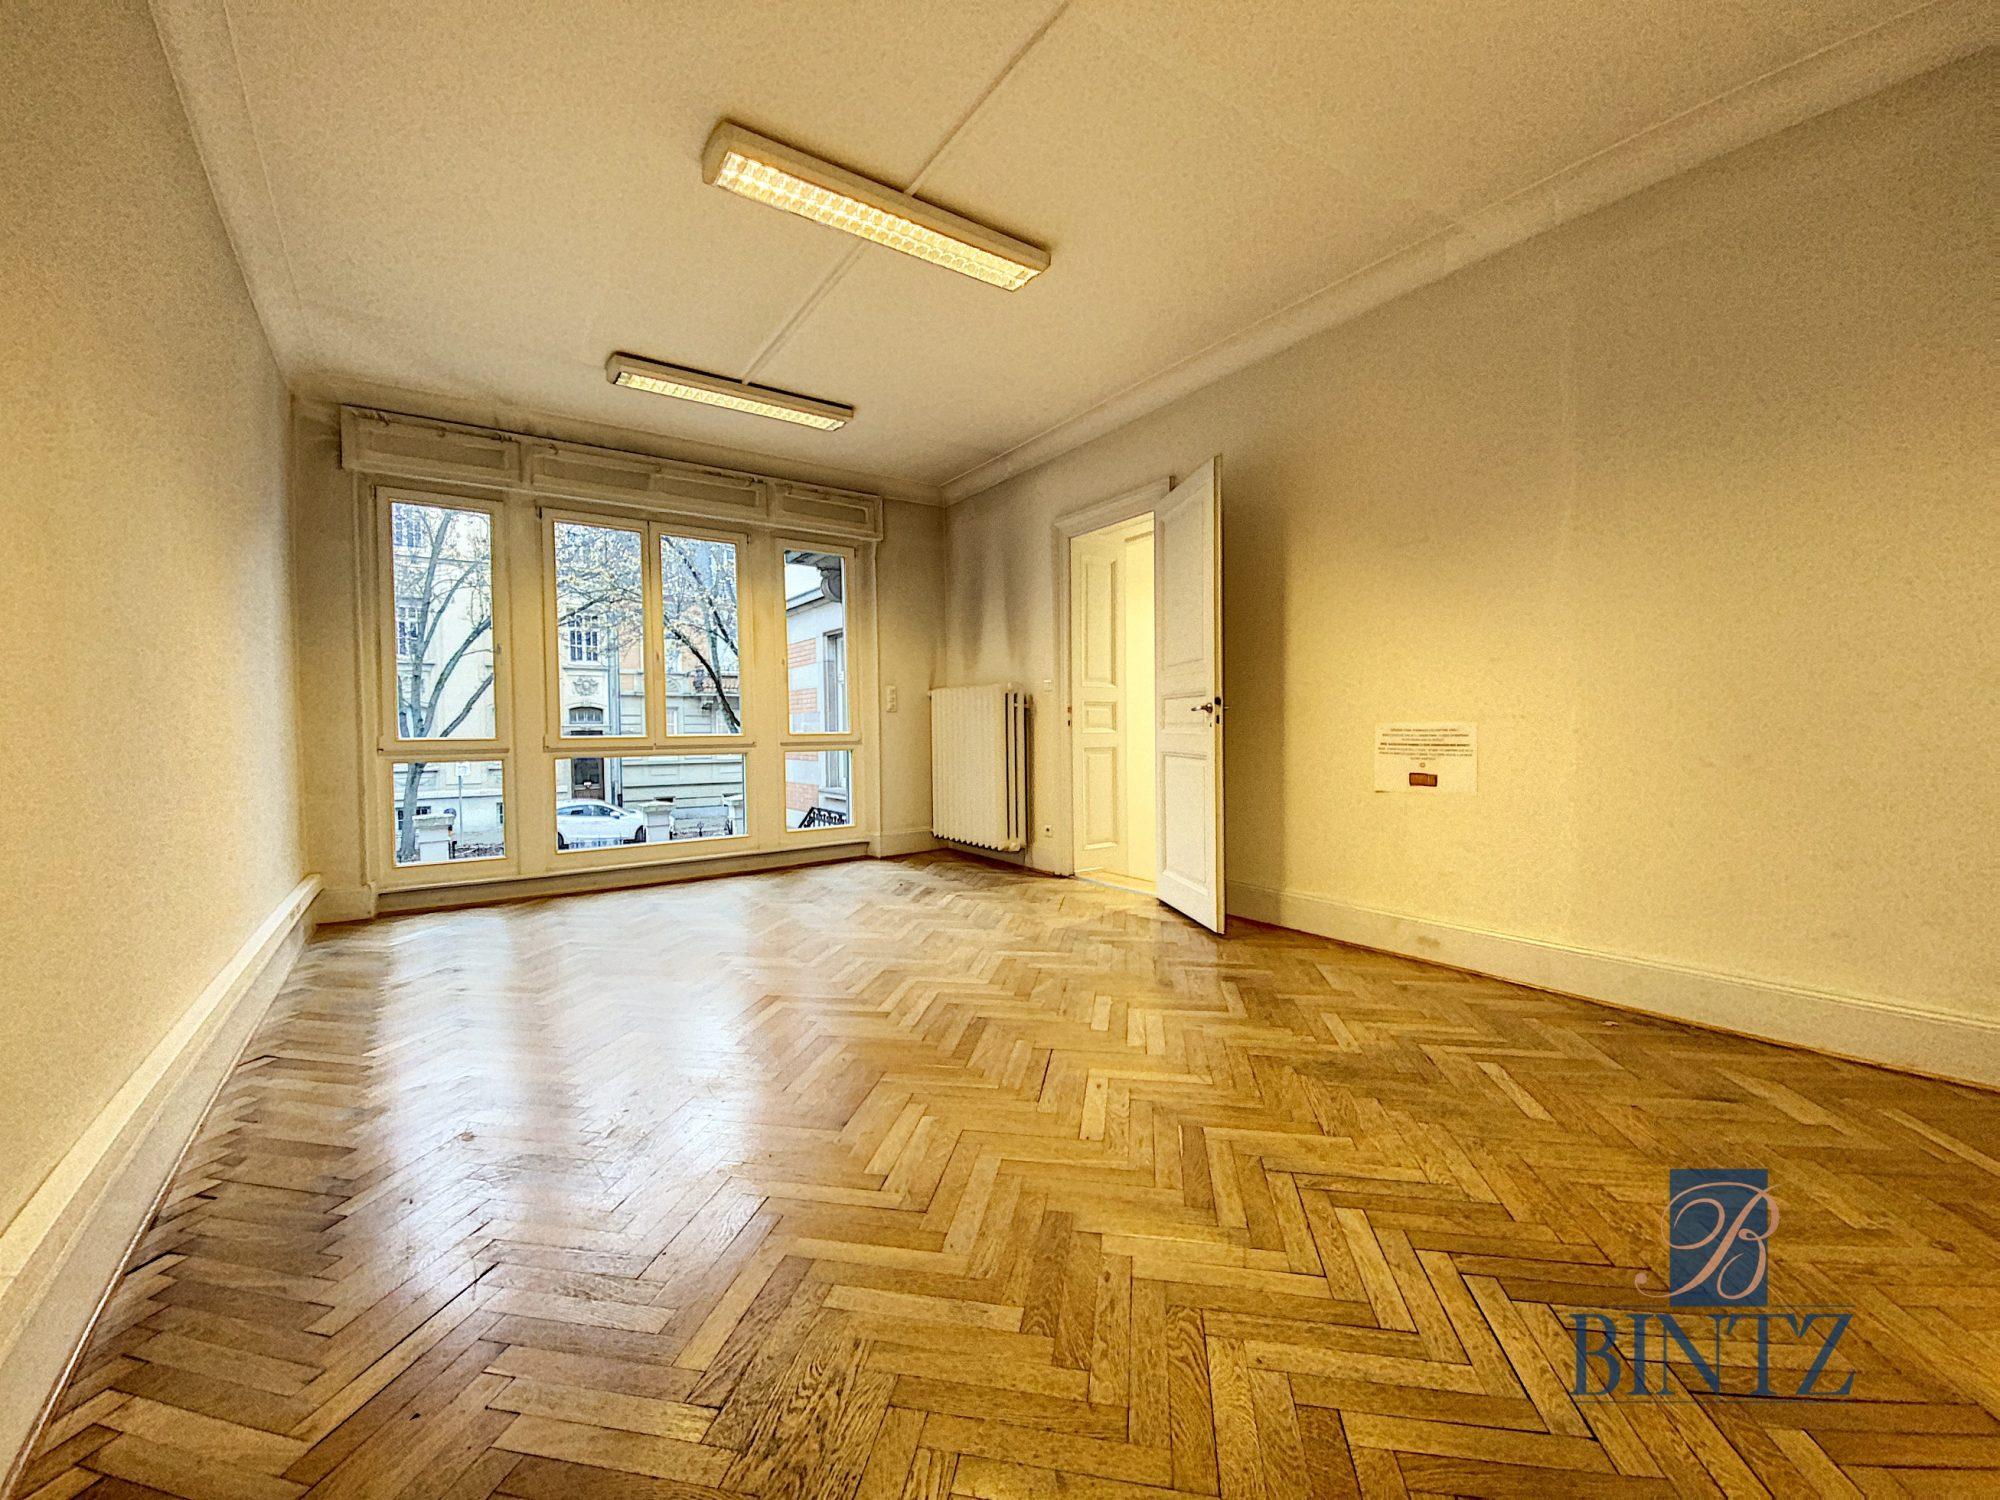 Immeuble de bureaux à louer - Devenez locataire en toute sérénité - Bintz Immobilier - 5